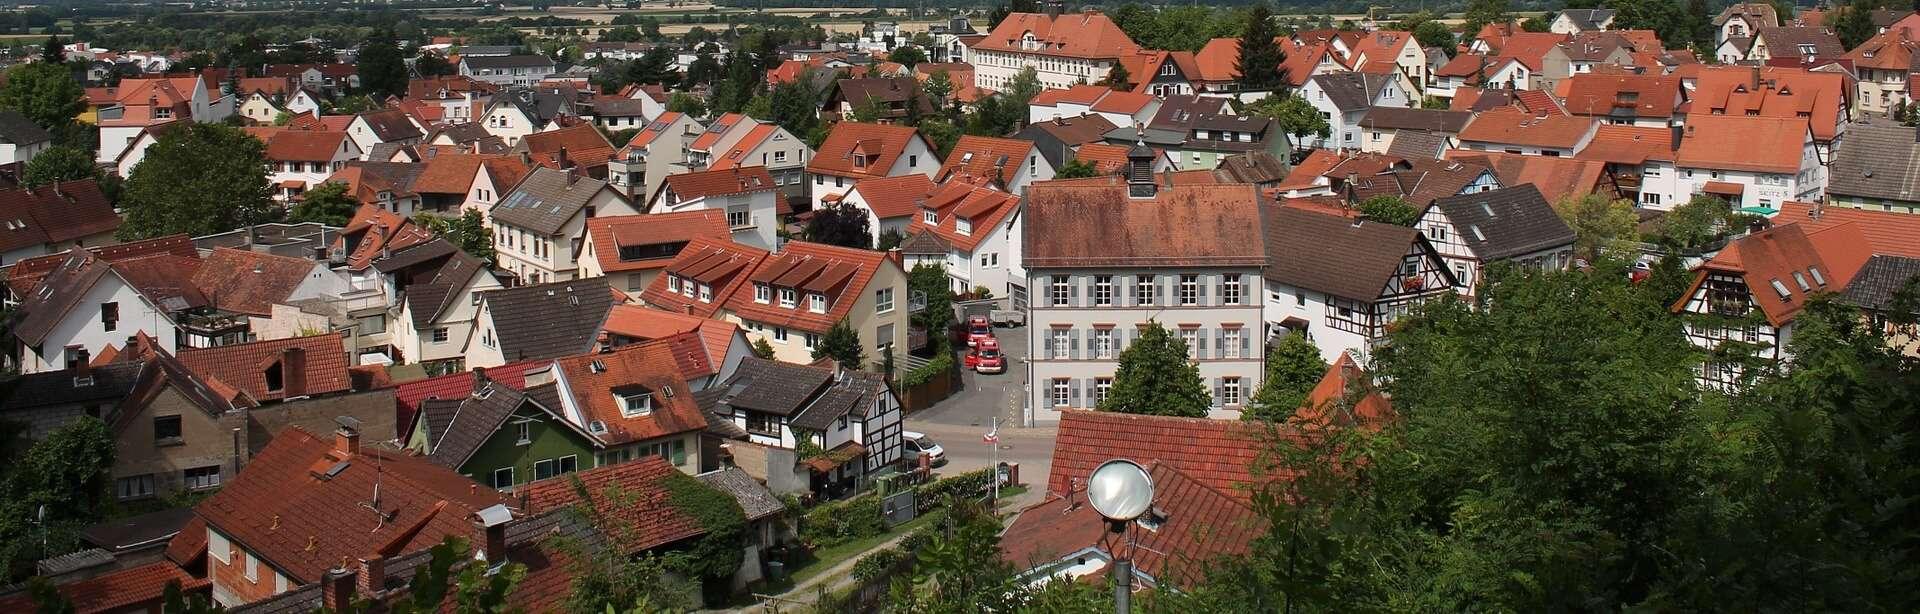 Unabhängige Finanzberatung Bensheim